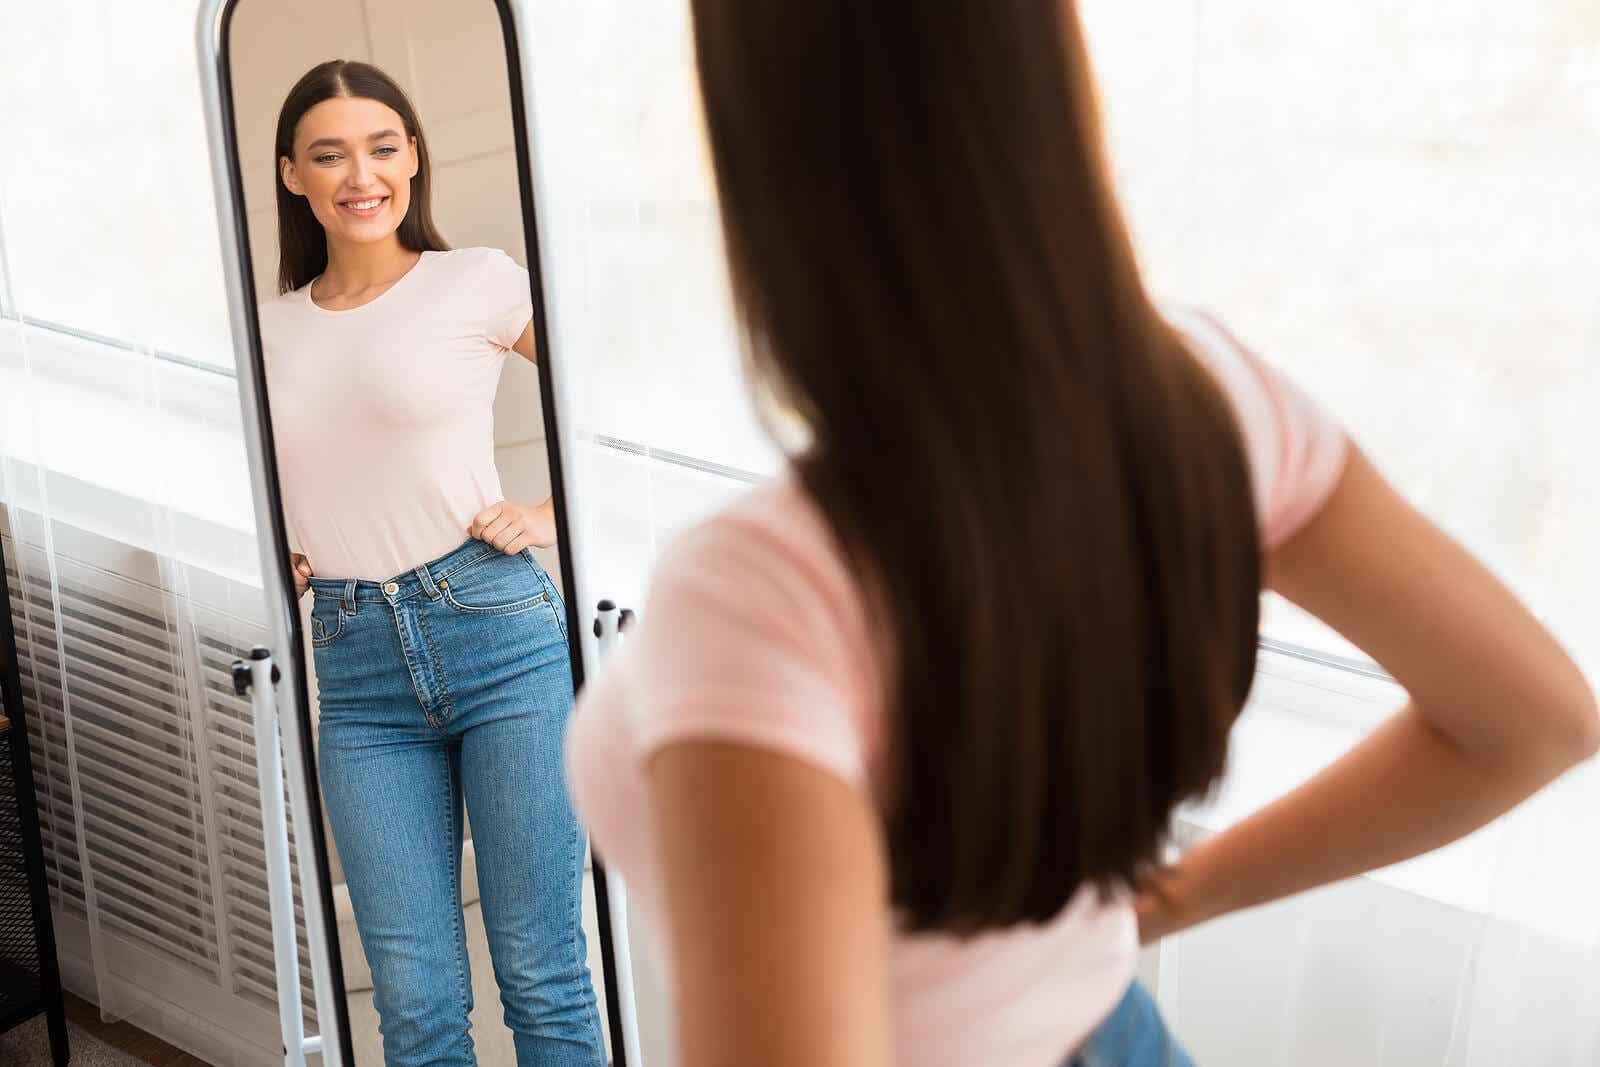 Une femme se regarde dans le miroir.